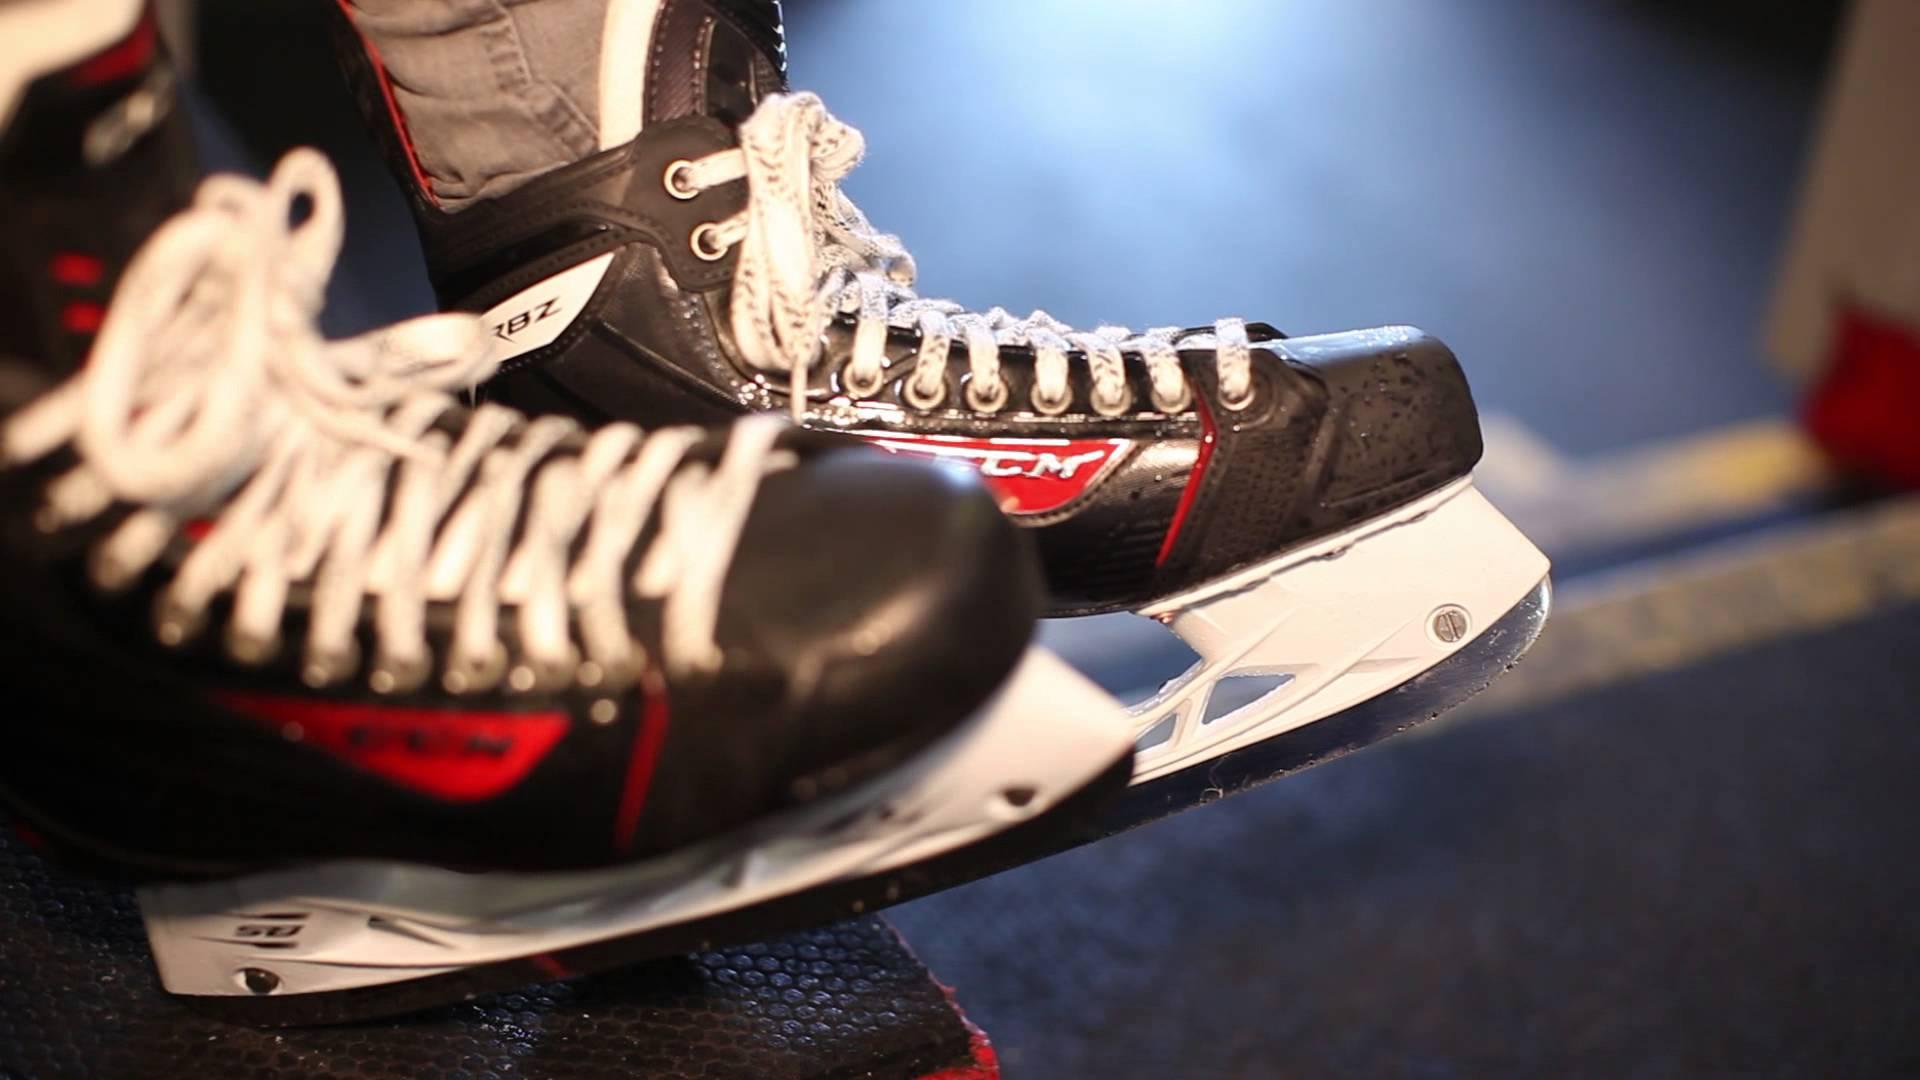 косточка картинки хоккейных коньков высокого разрешения защита диплома это